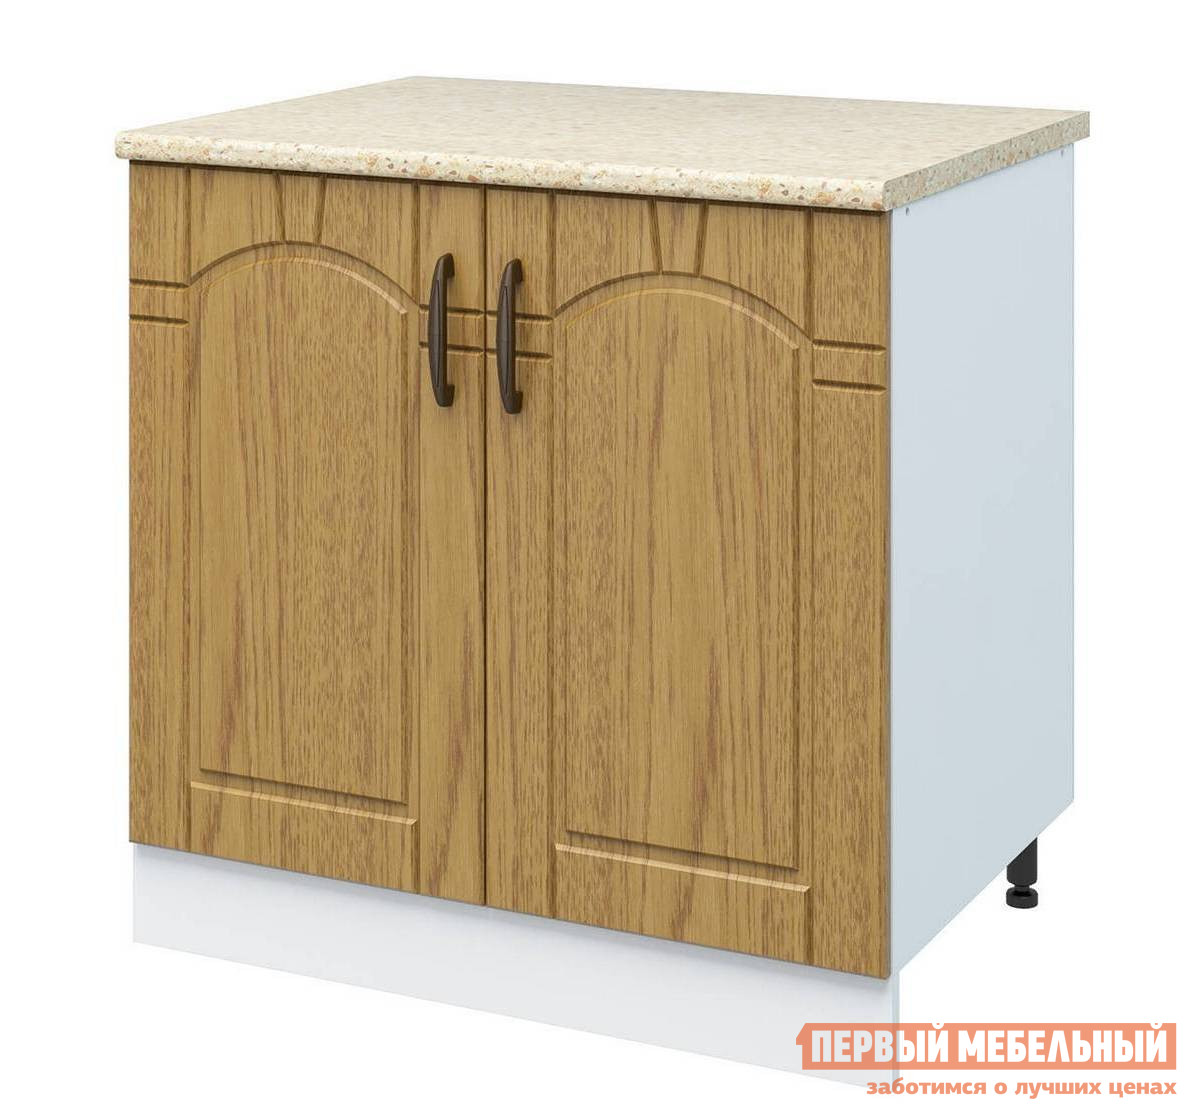 Кухонный модуль СтолЛайн СТЛ.144.06